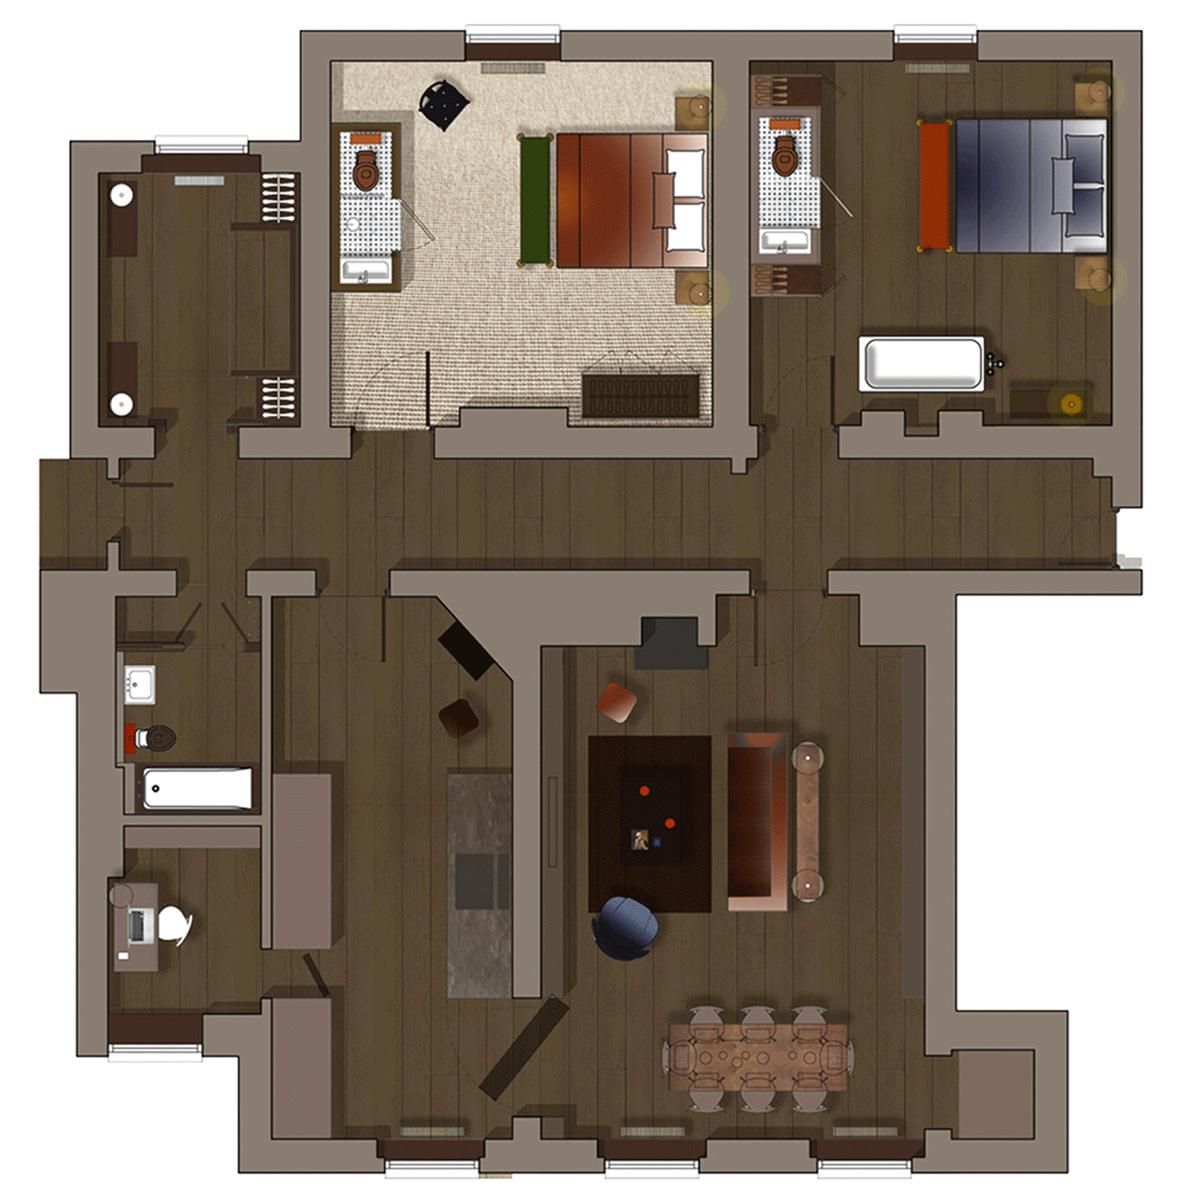 floor-plan-as-proposed.jpg